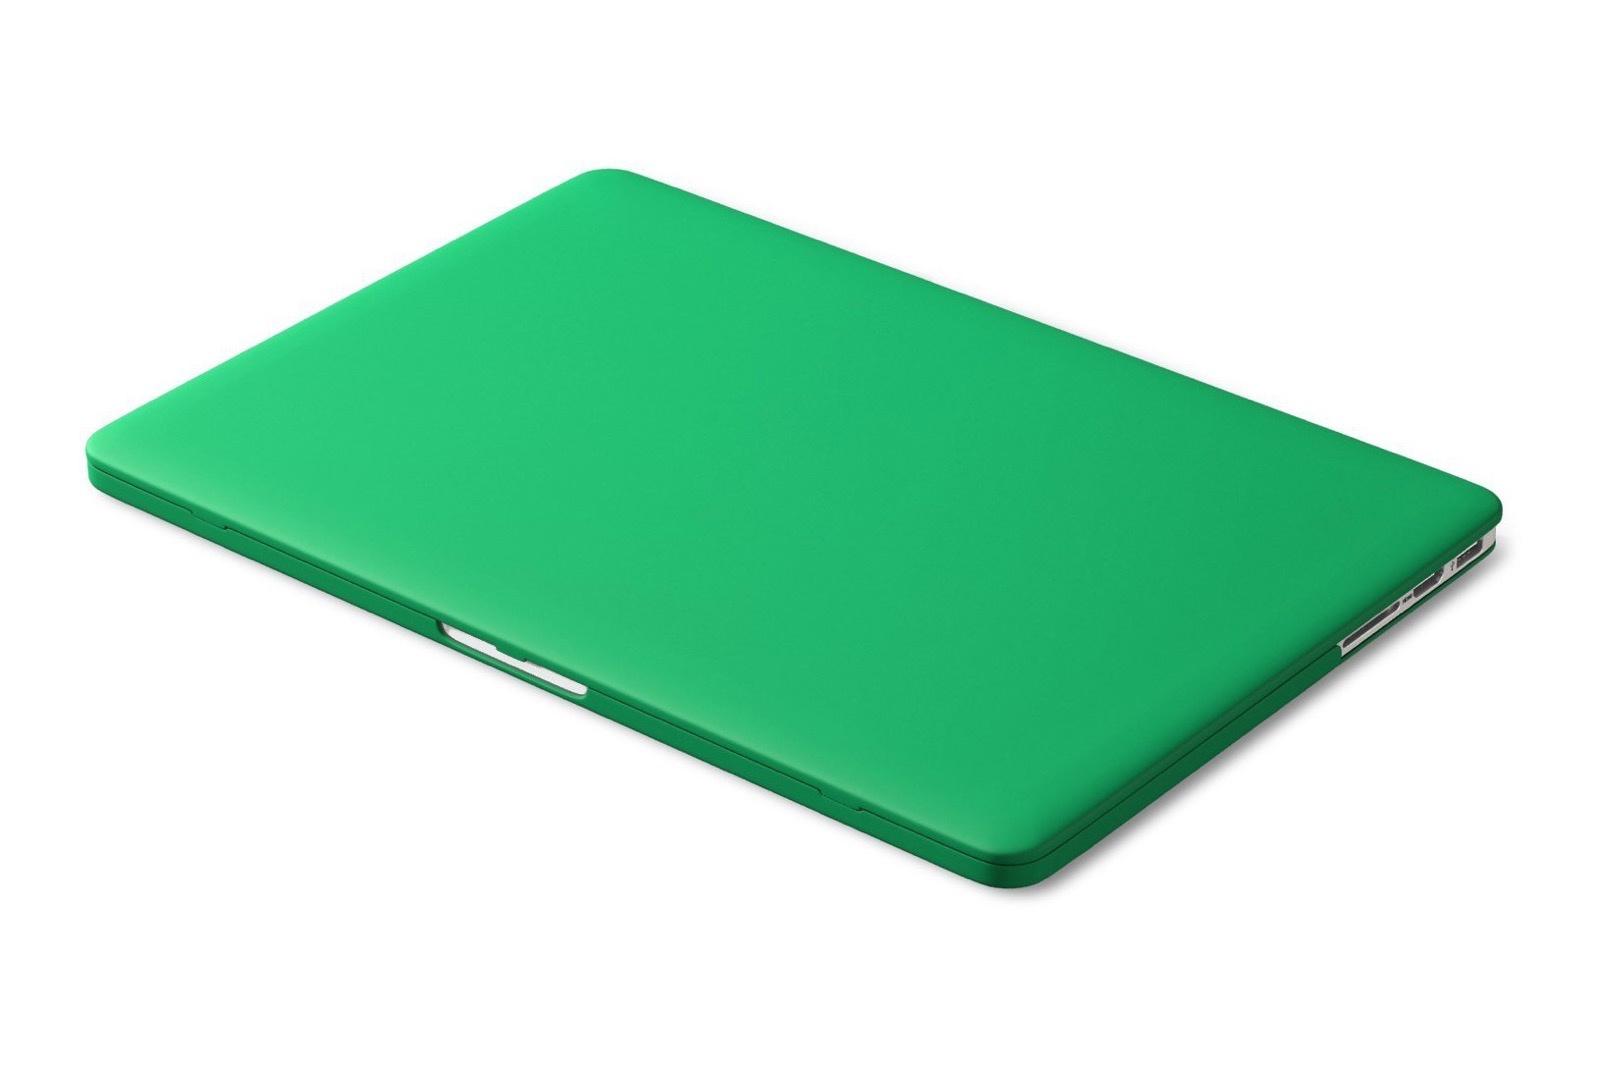 Чехол для ноутбука Gurdini накладка пластик матовый 220110 для Apple MacBook Retina 13 2013-2015, зеленый чехол накладка для ноутбука macbook pro 13 speck smartshell пластик зеленый 90206 5208